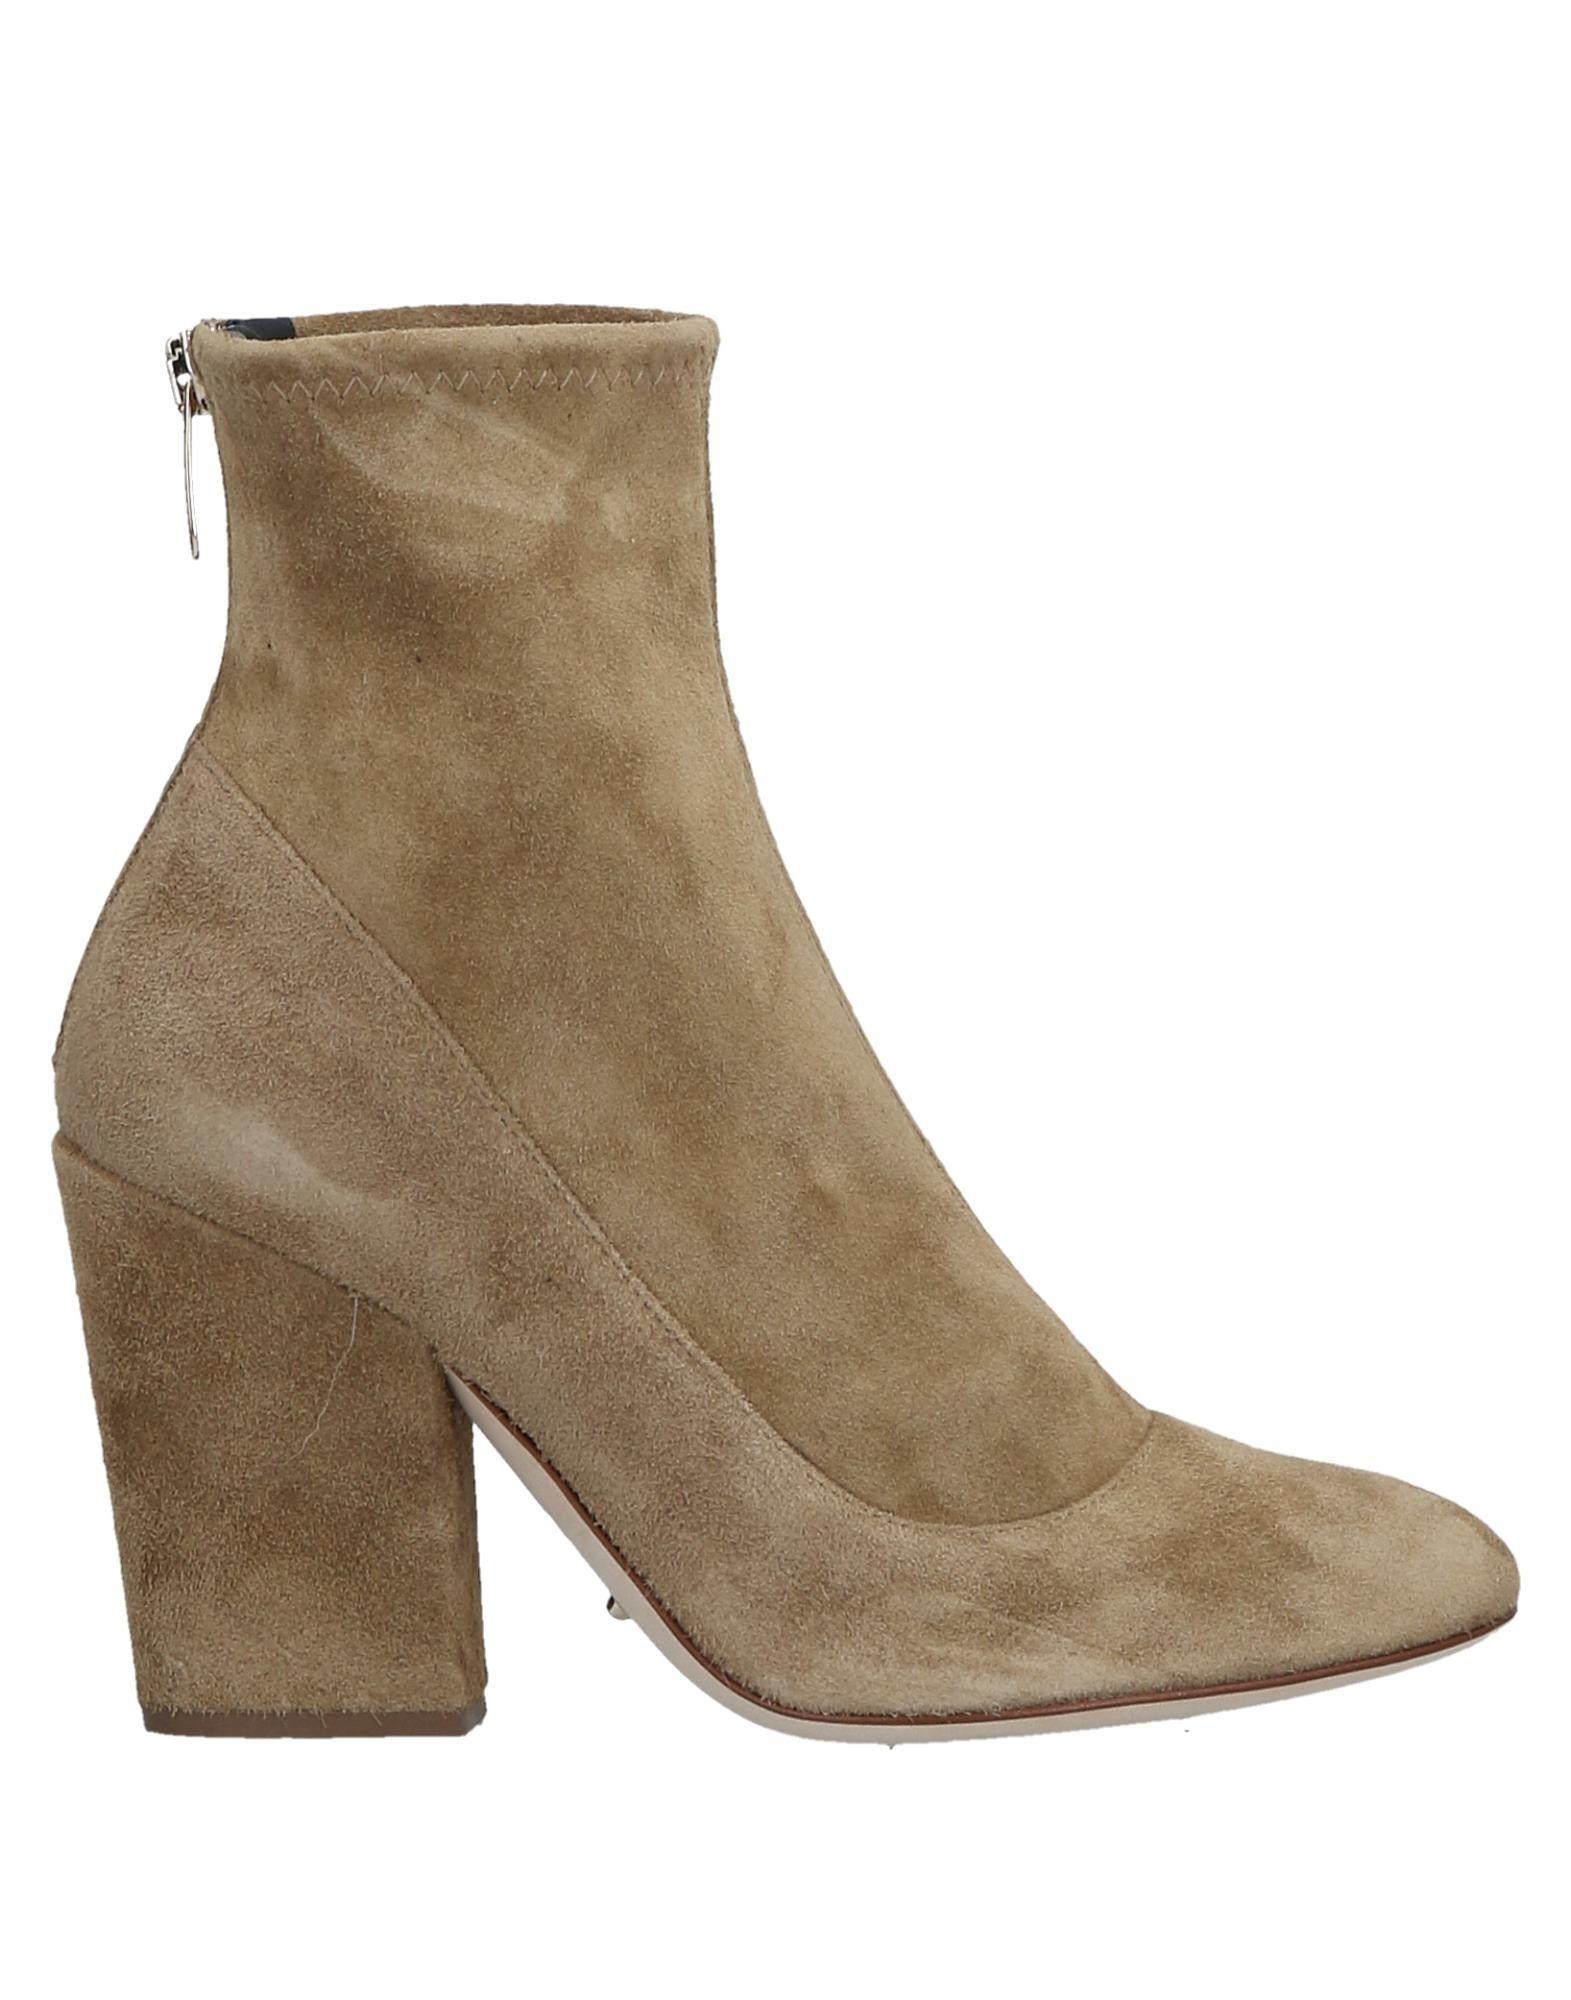 Sergio Rossi Stiefelette Damen  11413423JQGünstige gut aussehende Schuhe